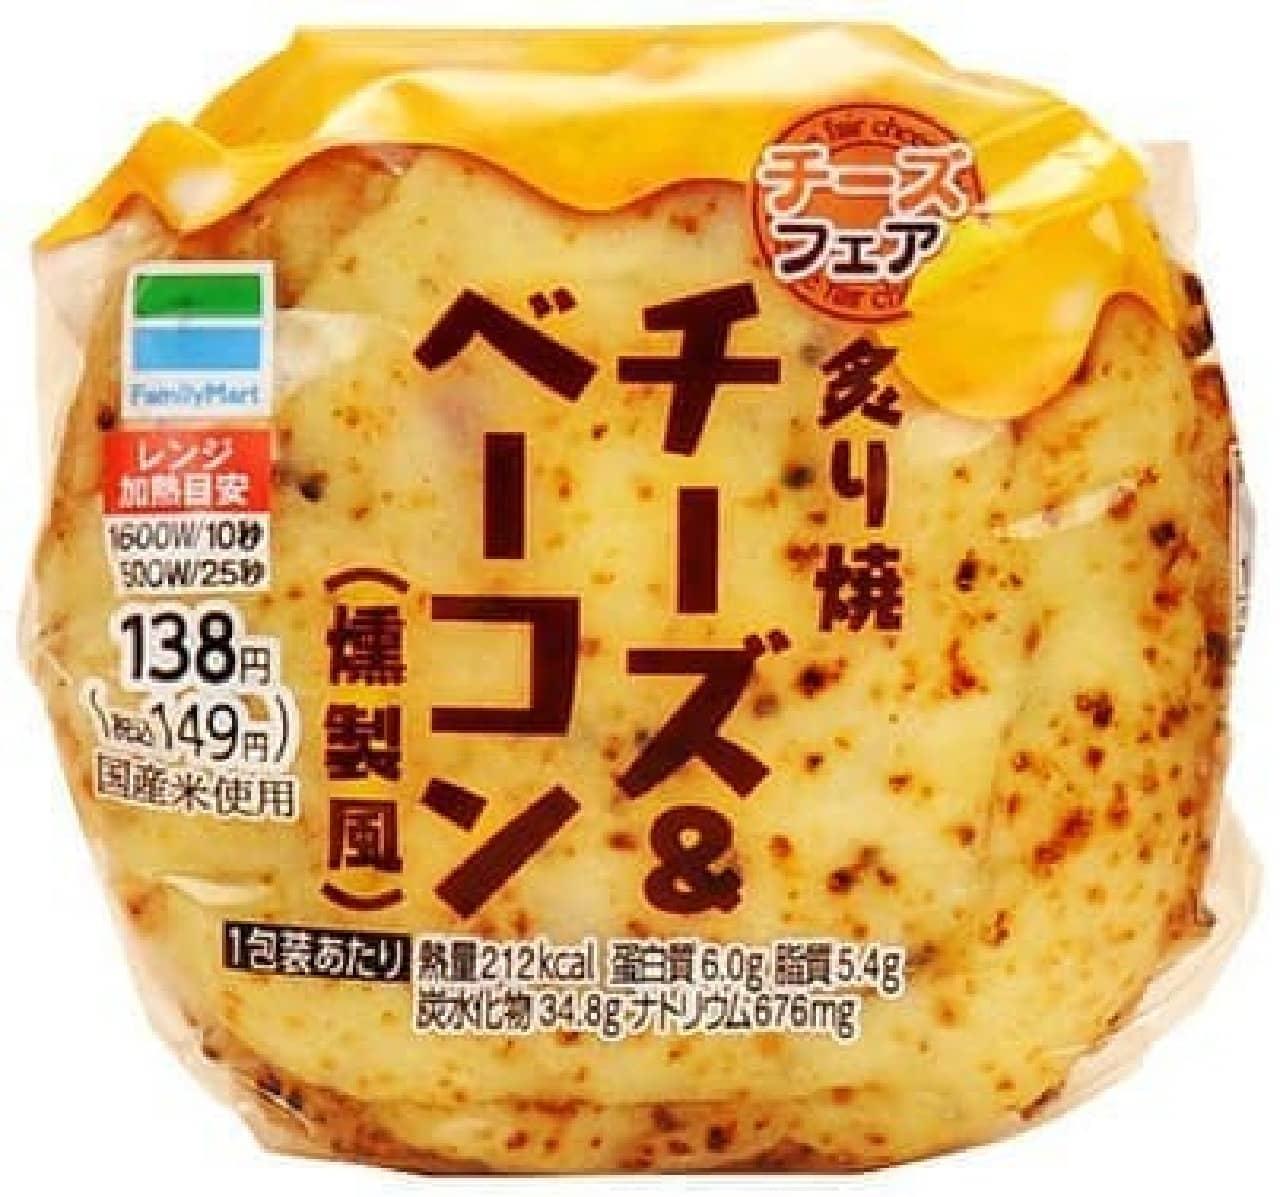 ファミリーマート「炙り焼チーズ&ベーコン(燻製風)」